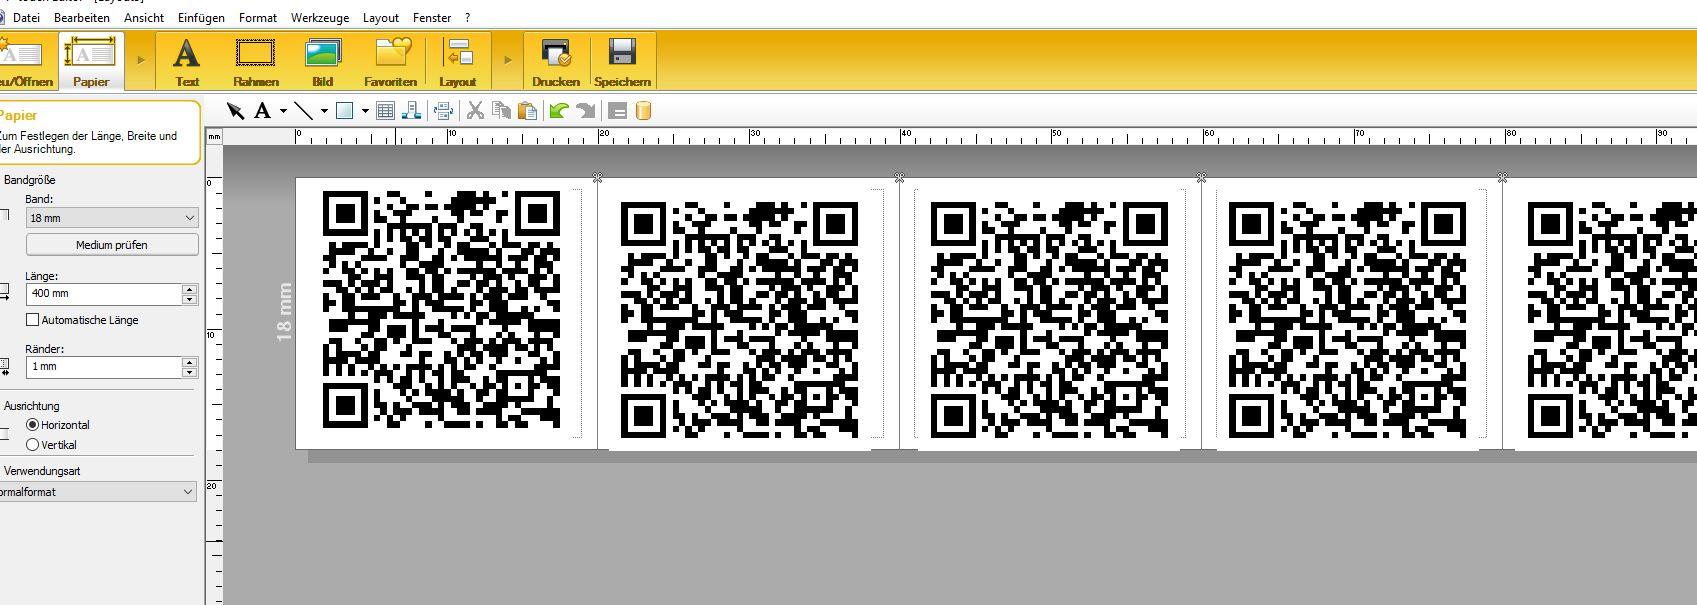 P-Touch-Editor zur QR-Ausdruck Generierung